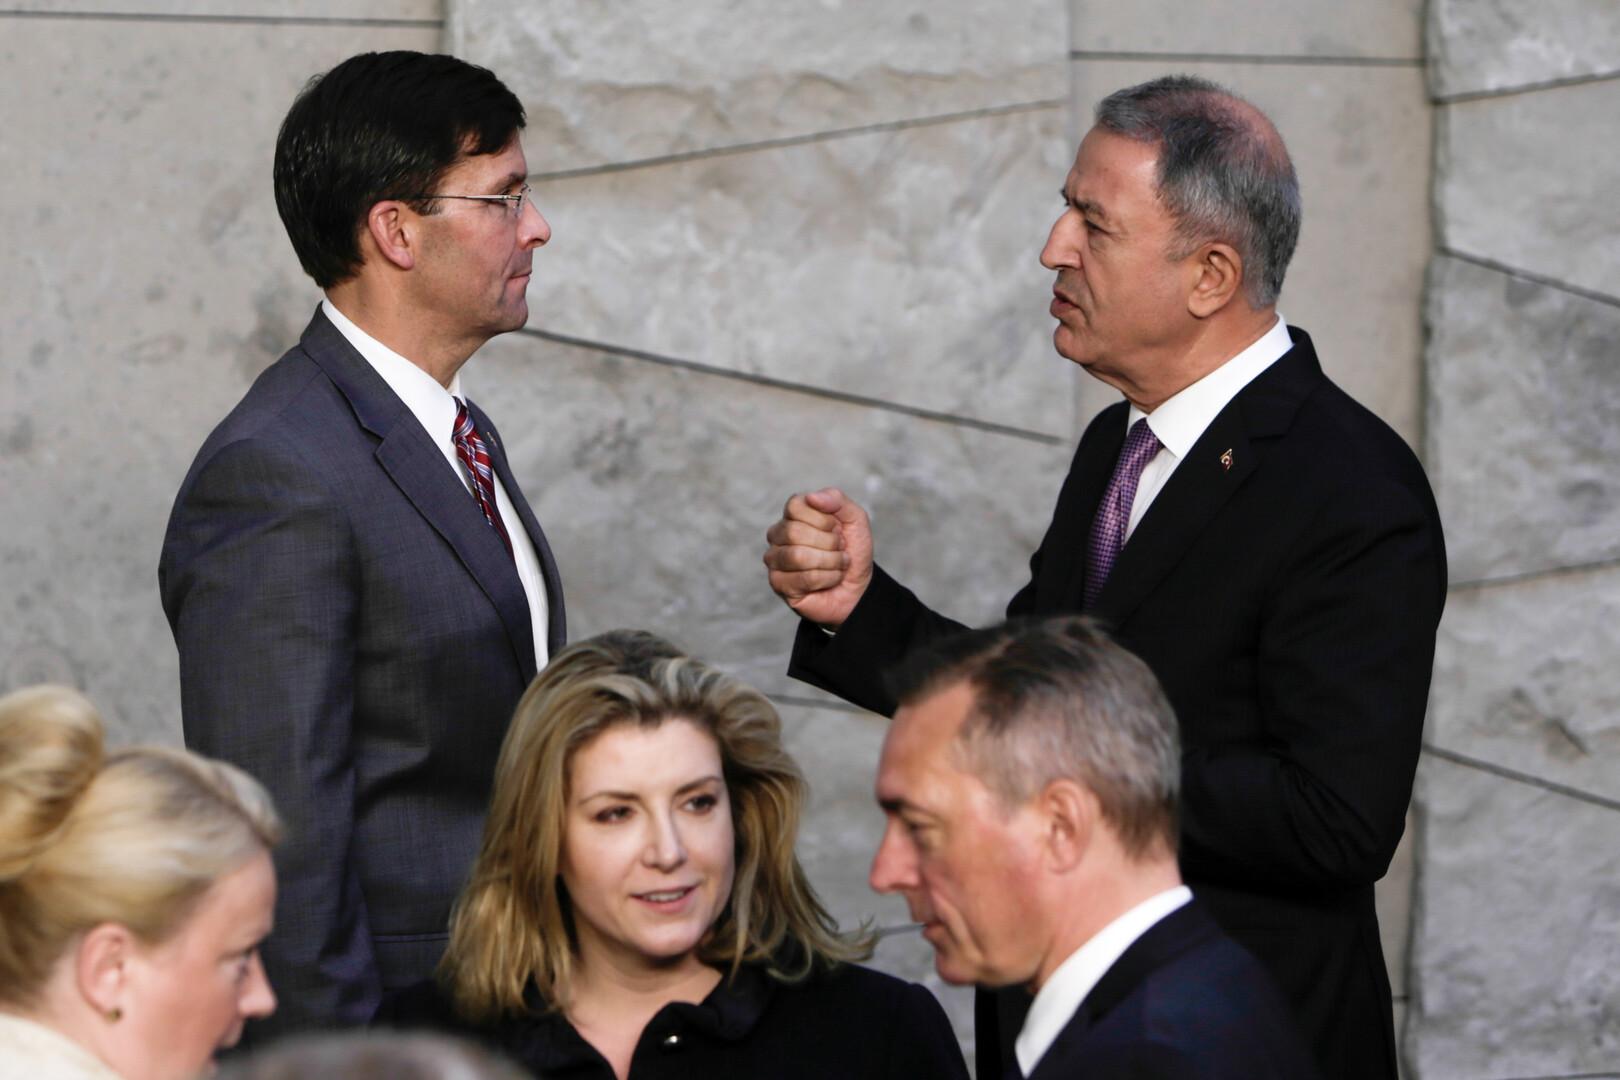 المعارضة السورية المتحالفة مع تركيا تتعهد بدعم أي عملية عسكرية ستشنها أنقرة شرق الفرات